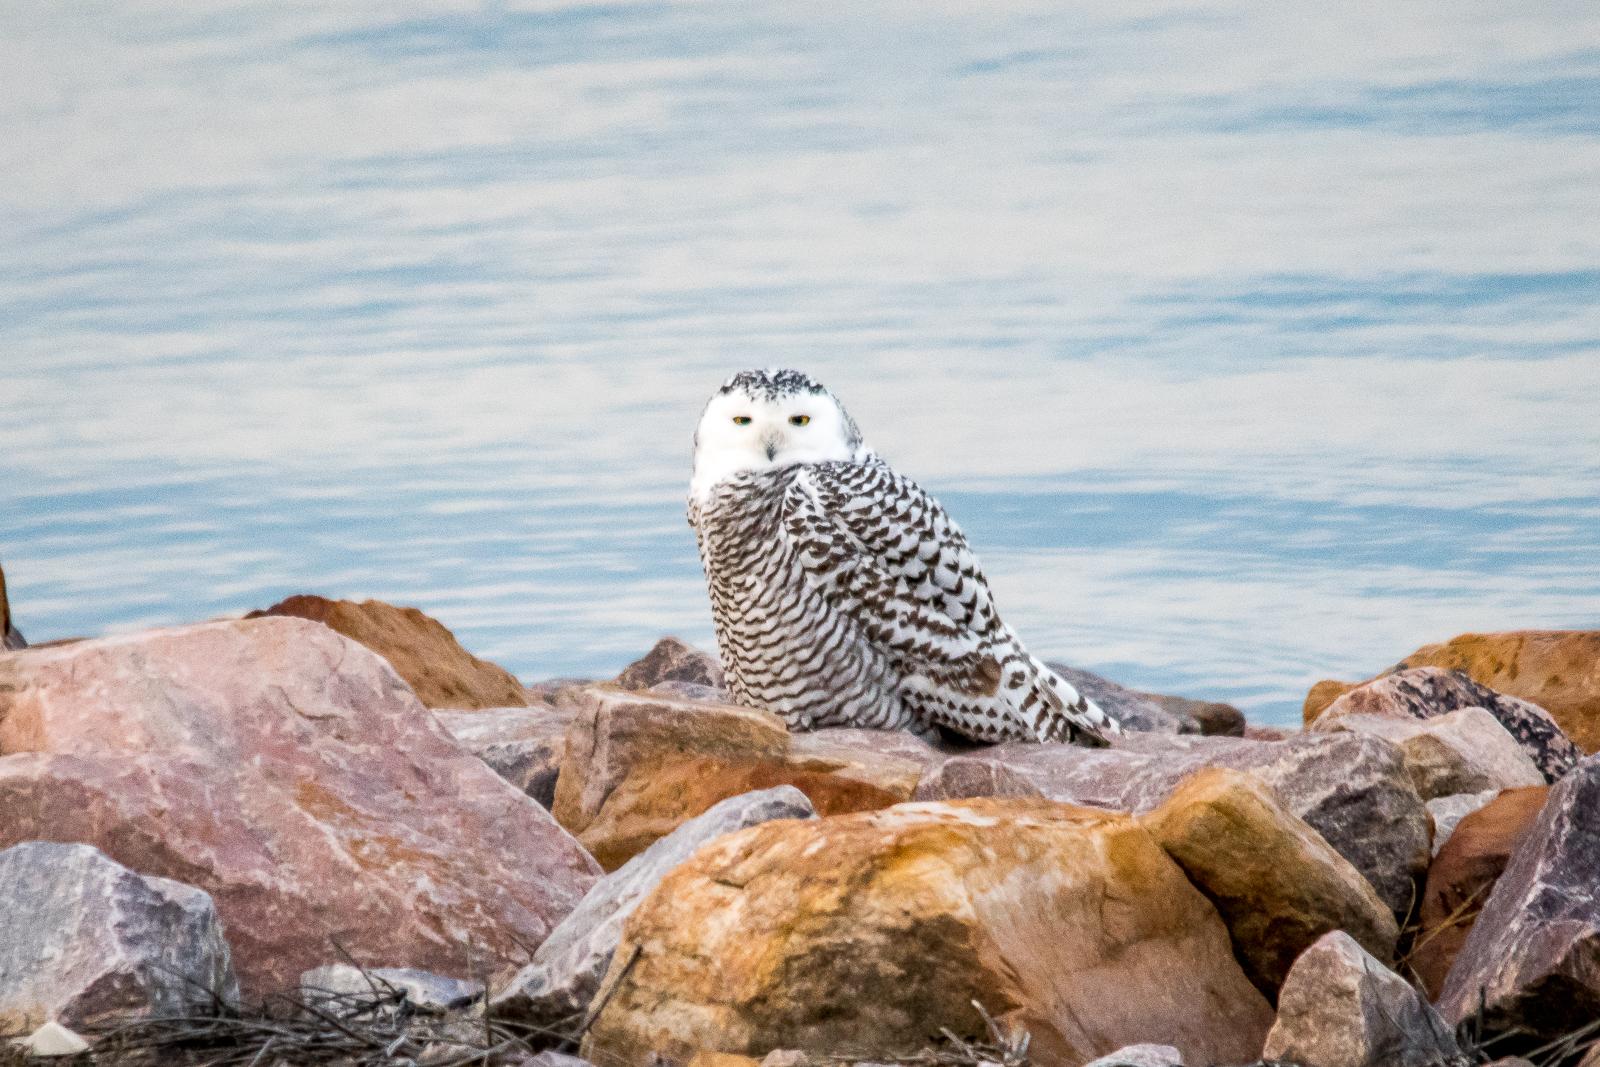 snowy-owl_24955578478_o.jpg